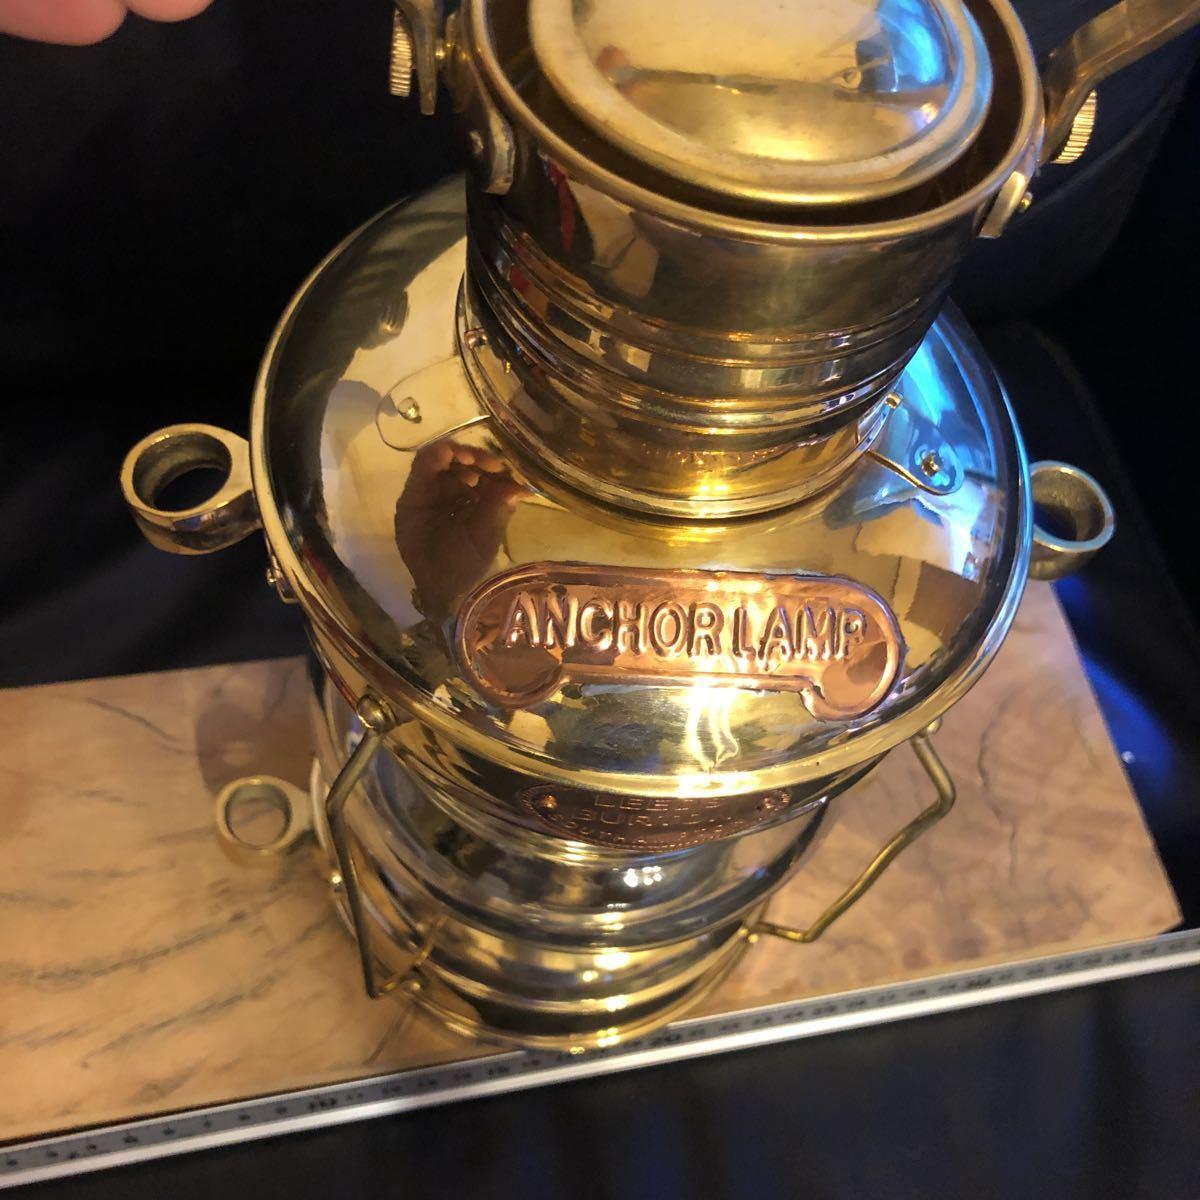 物が増え過ぎました。真鍮 ブラス ランタン ケロシン ランタン アルコール ランプ マイナー ランプ ネルソン マリンランプ カンテラ_画像9